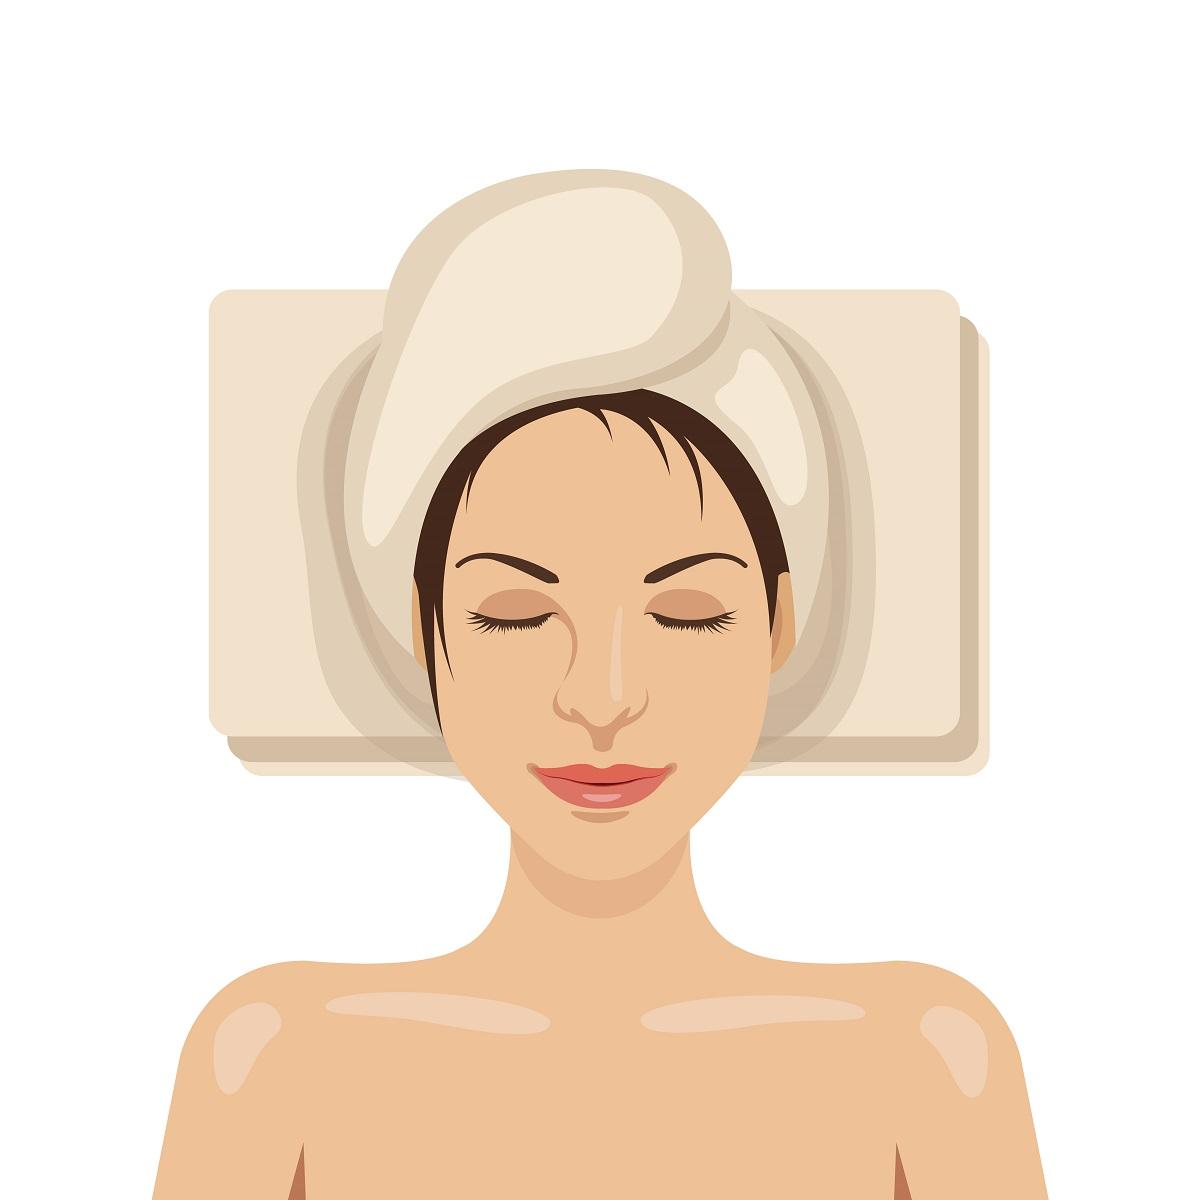 7. Use hair masks